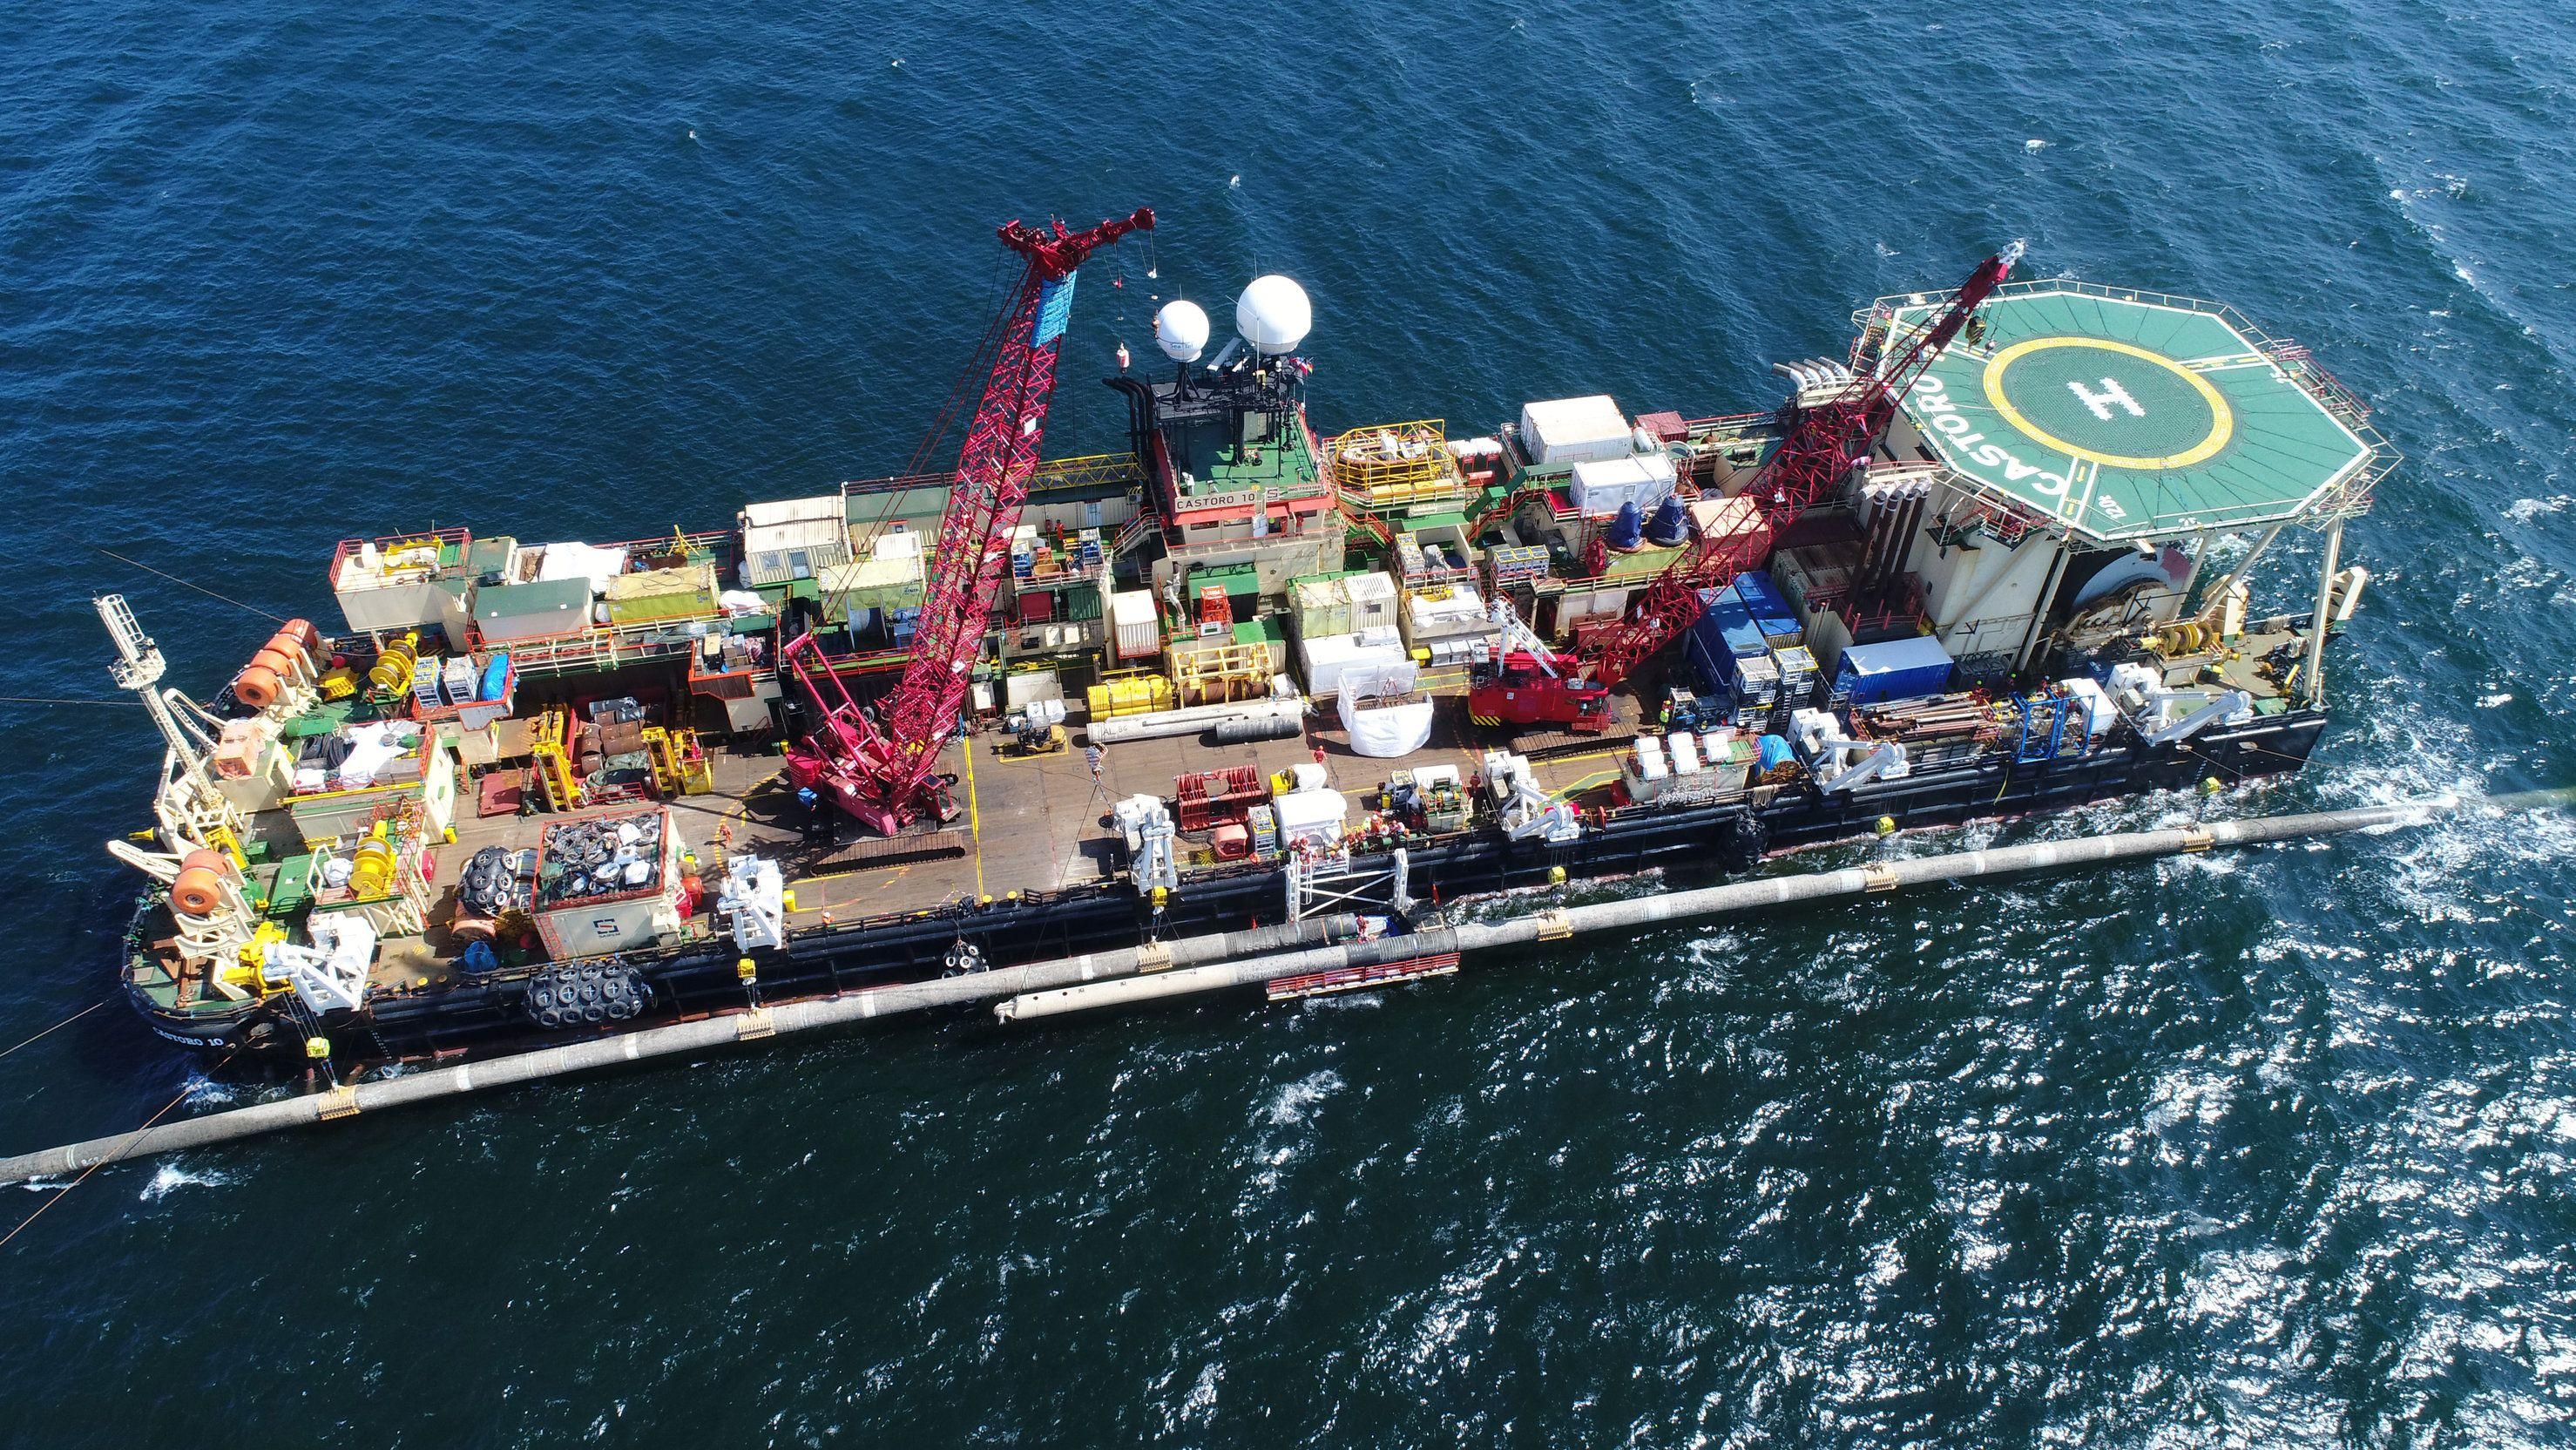 Fachleute arbeiten an der Verbindung verlegter Leitungsstücke der Ostsee-Erdgaspipeline Nord Stream 2 (Luftaufnahme mit einer Drohne).